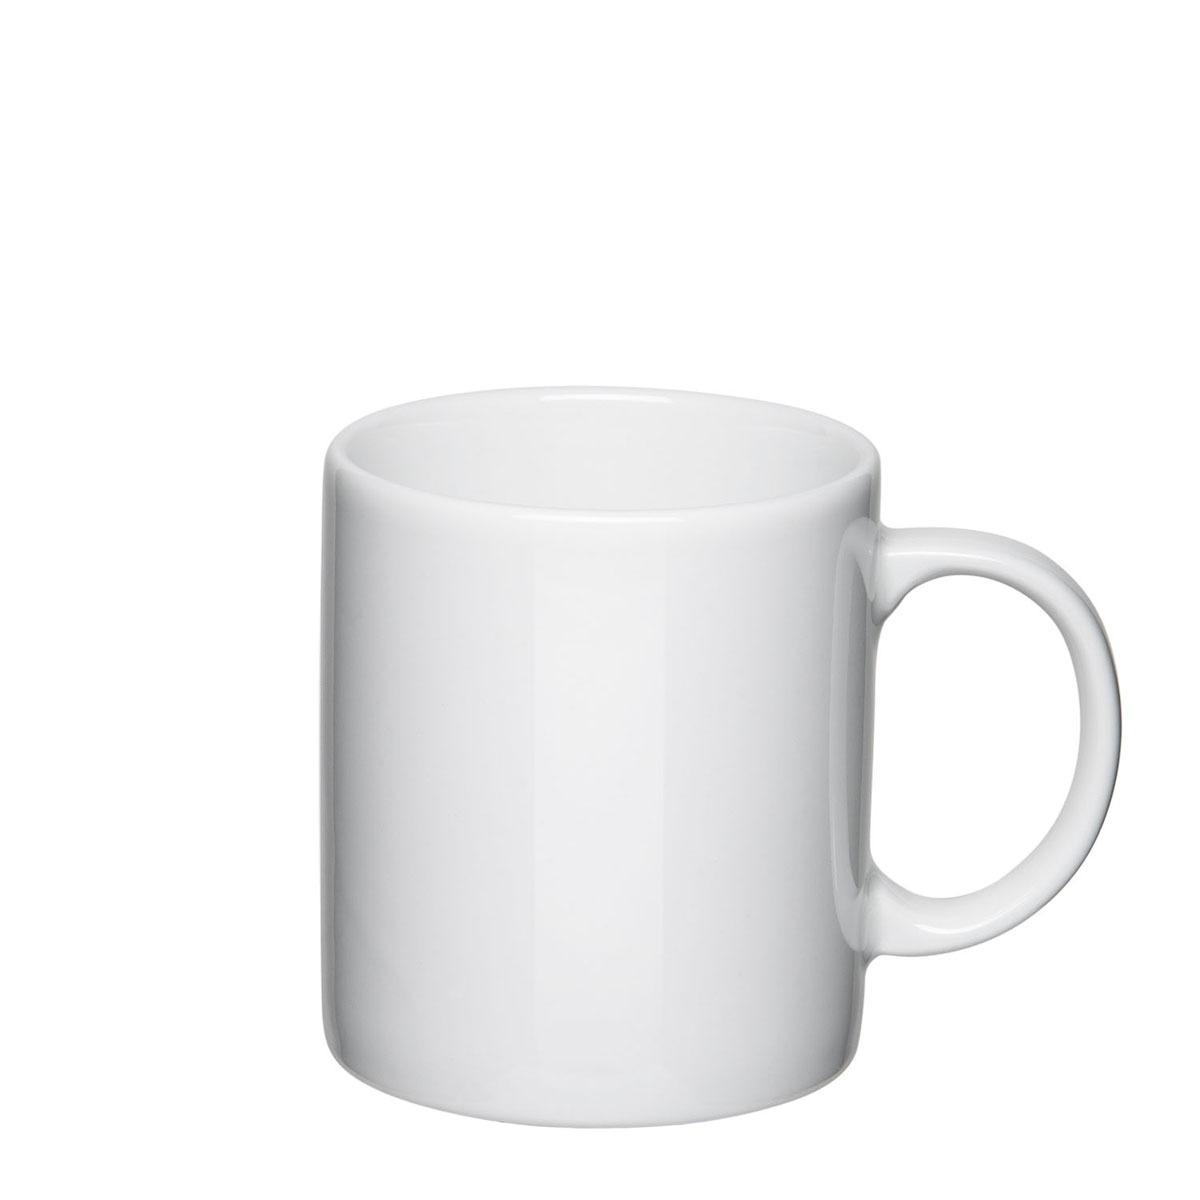 Niedlich Kaffeetasse Vorlagen Ideen - Ideen fortsetzen ...